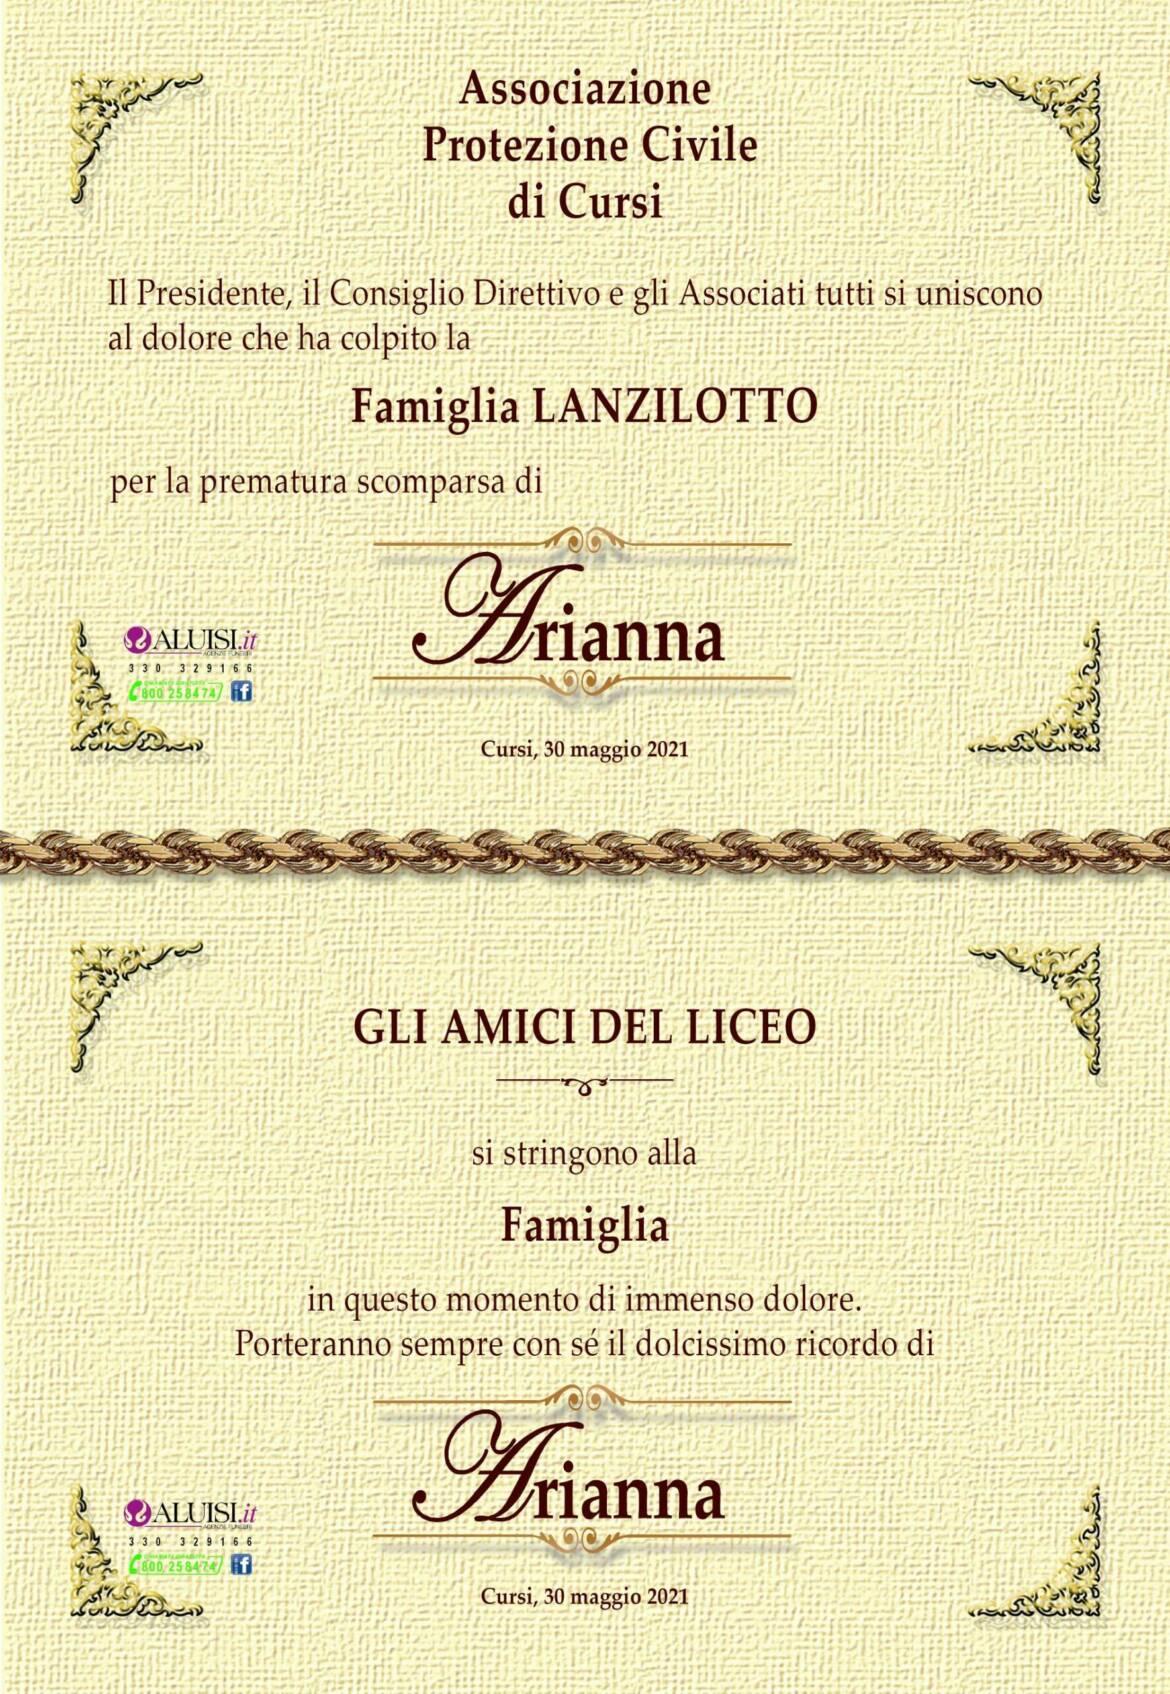 PARTECIPAZIONI-ARIANNA-LANZILOTTO-CURSI-3-scaled.jpg